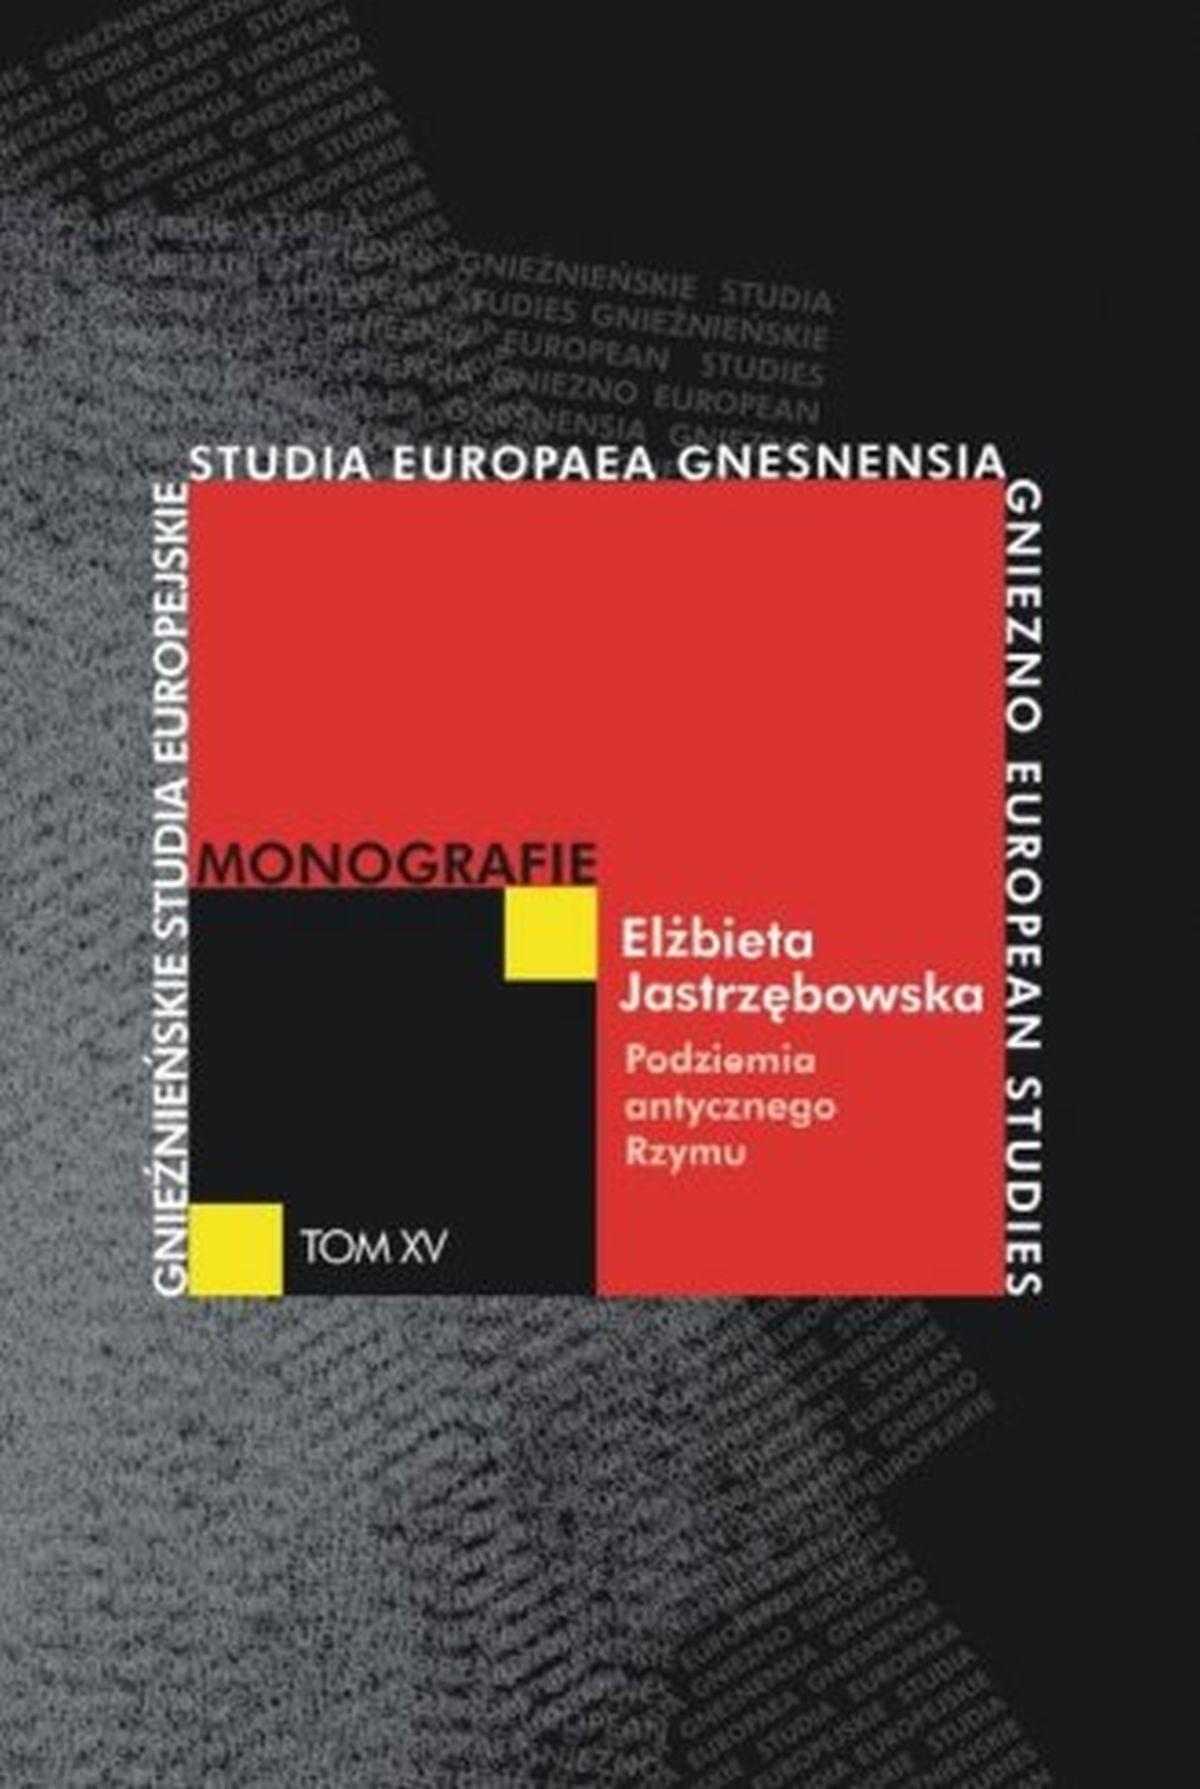 Podziemia antycznego Rzymu. Gnieźnieńskie Studia Europejskie. Monografie. Tom 15